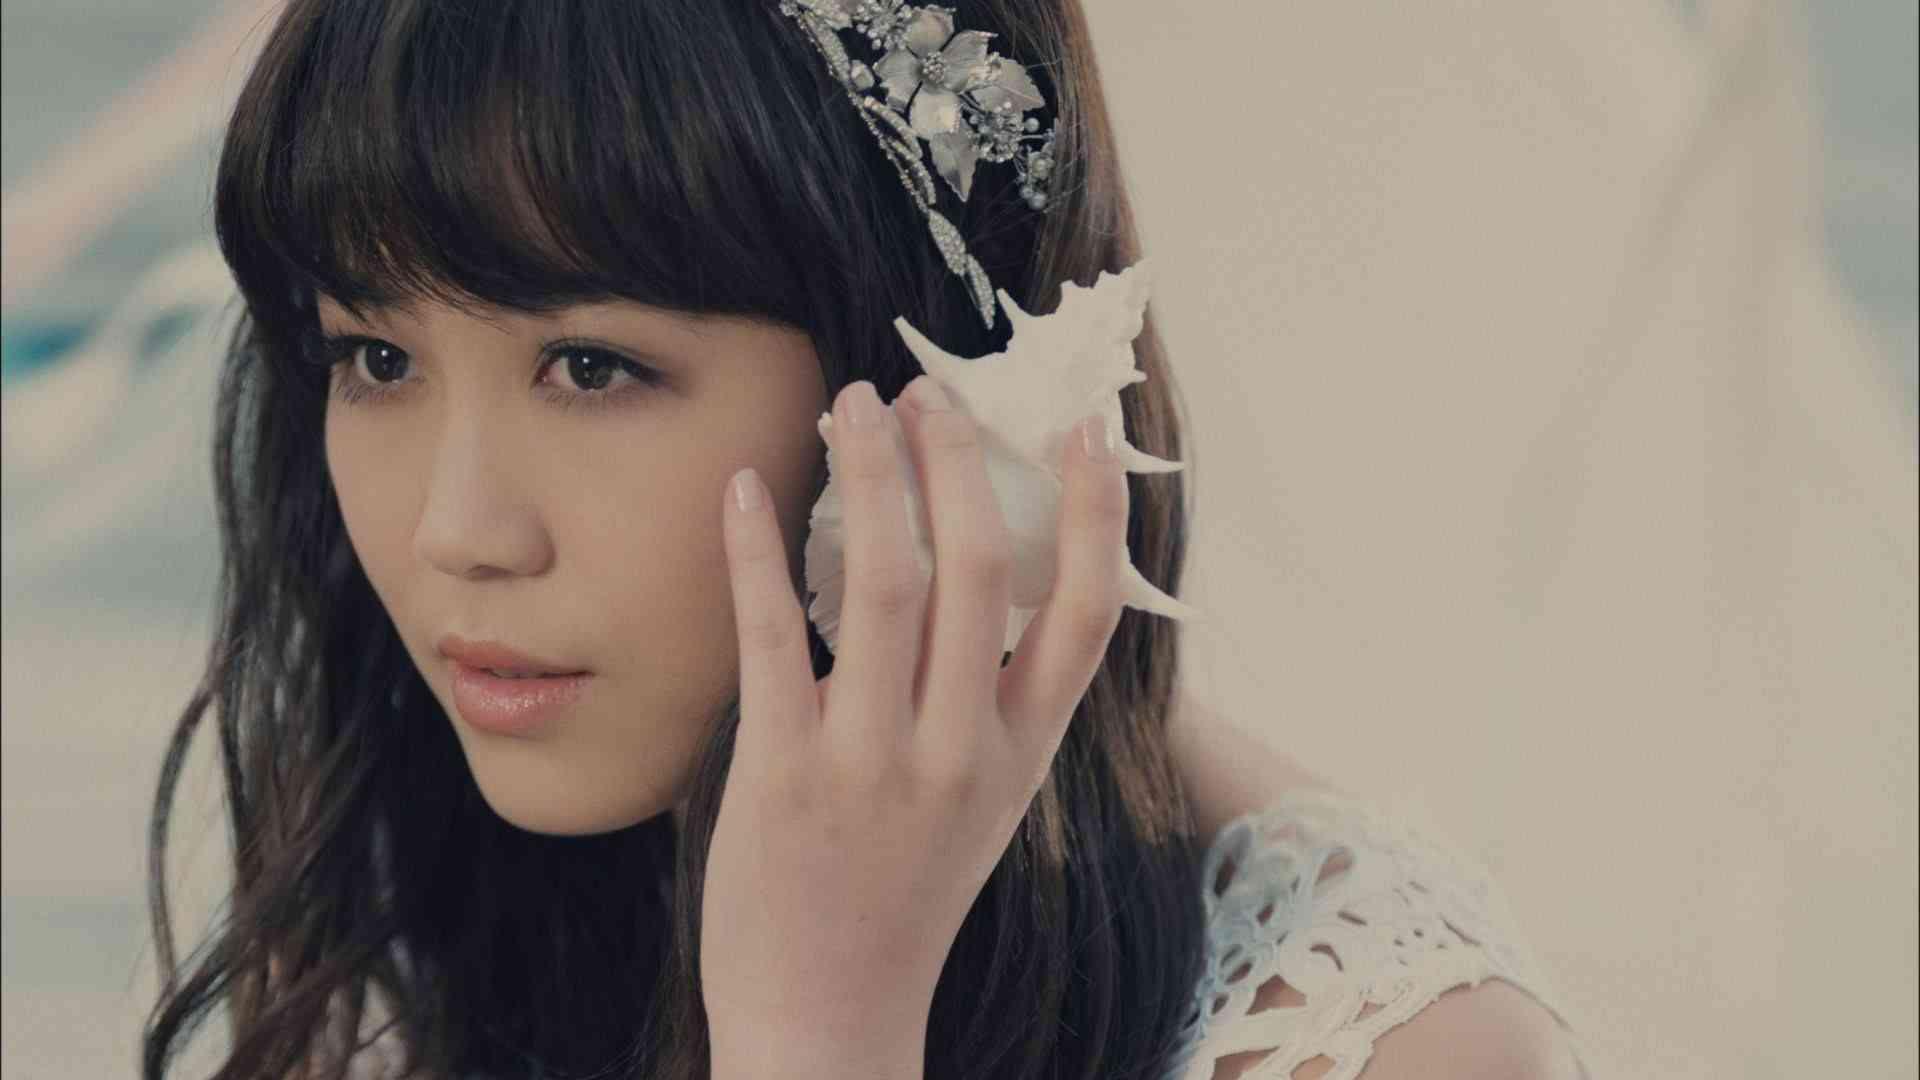 Flower 『Blue Sky Blue』【KOSE「ファシオE-girls実証ライブ」篇CMソング】 - YouTube